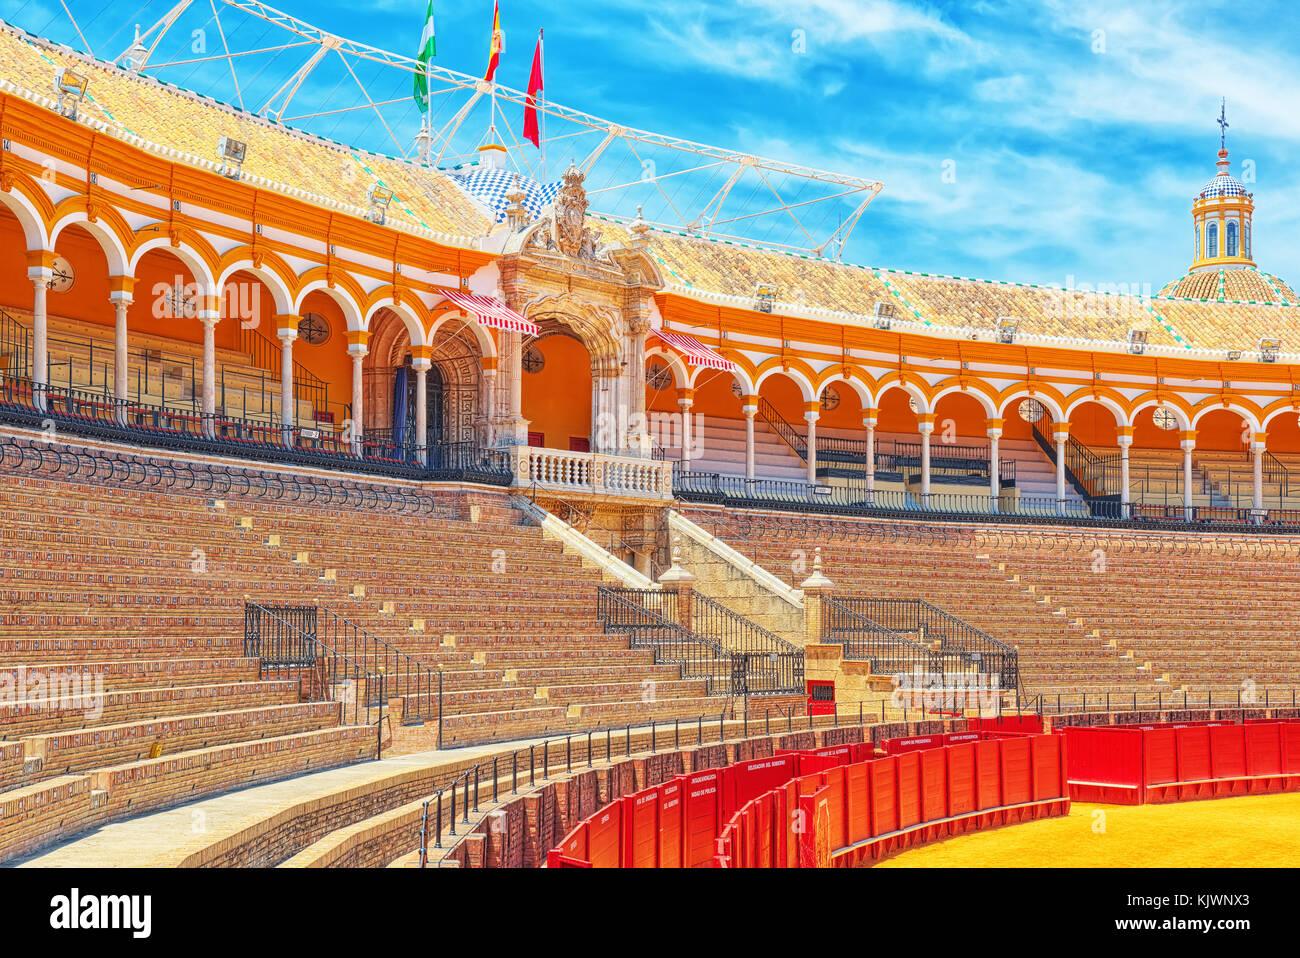 Panorama view of Square of bulls Royal Maestranza of Cavalry in Seville.(Plaza de toros de la Real Maestranza de - Stock Image